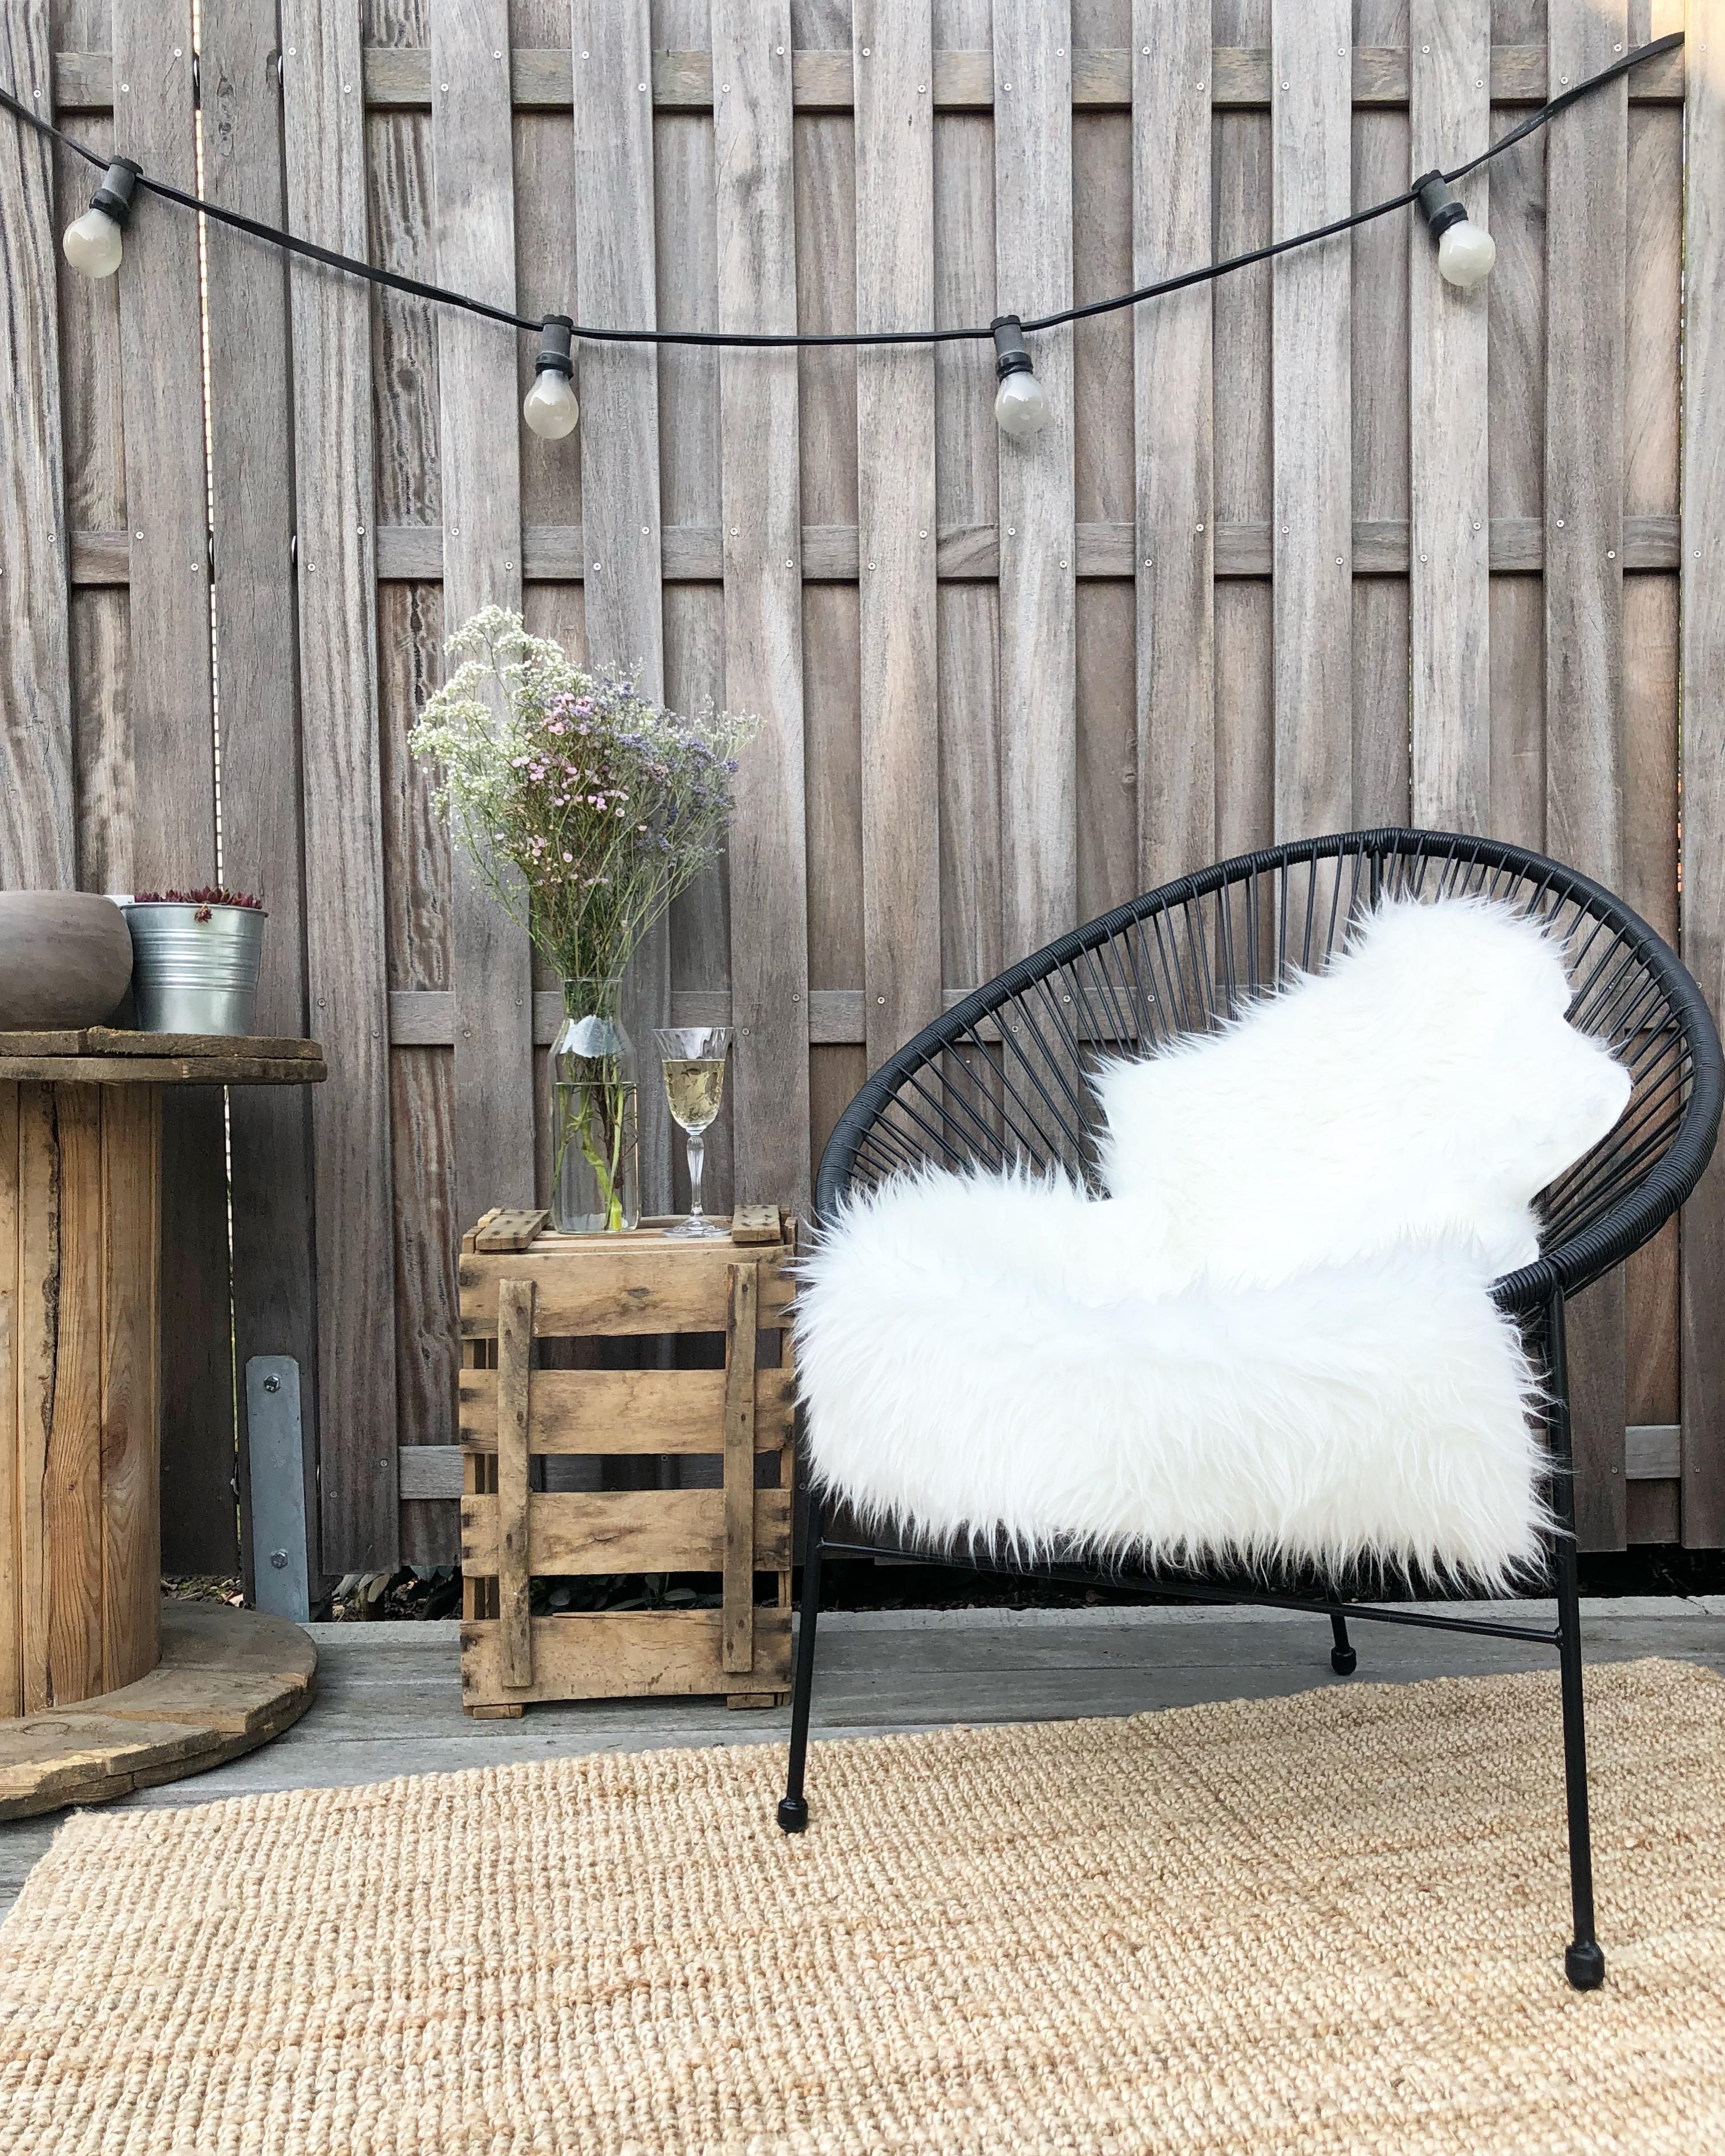 Holzterrasse Bilder Ideen Couch